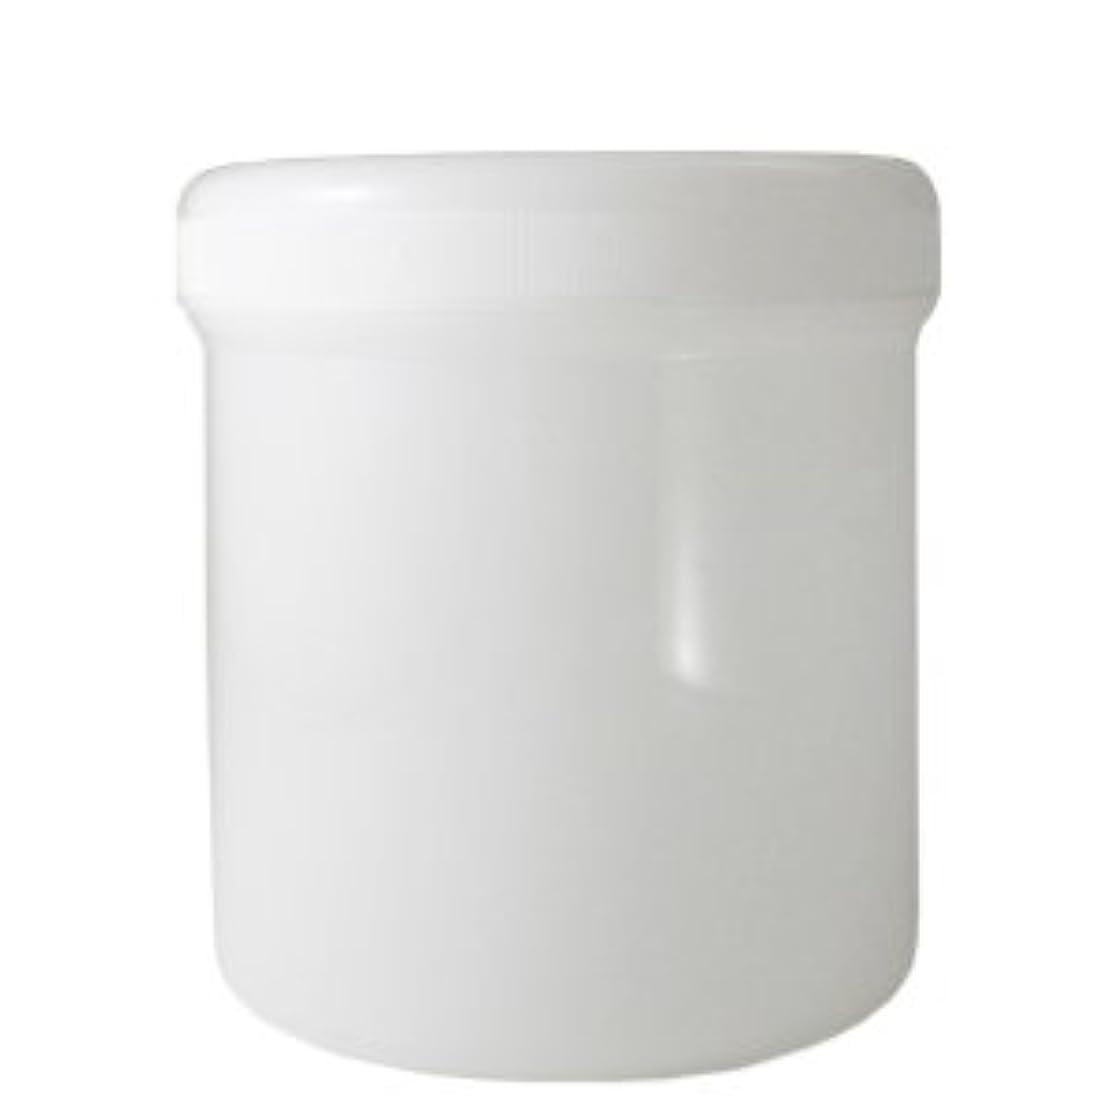 民間抗生物質カレッジナンコー容器 (クリームジャー) 550ml 【手作り化粧品】